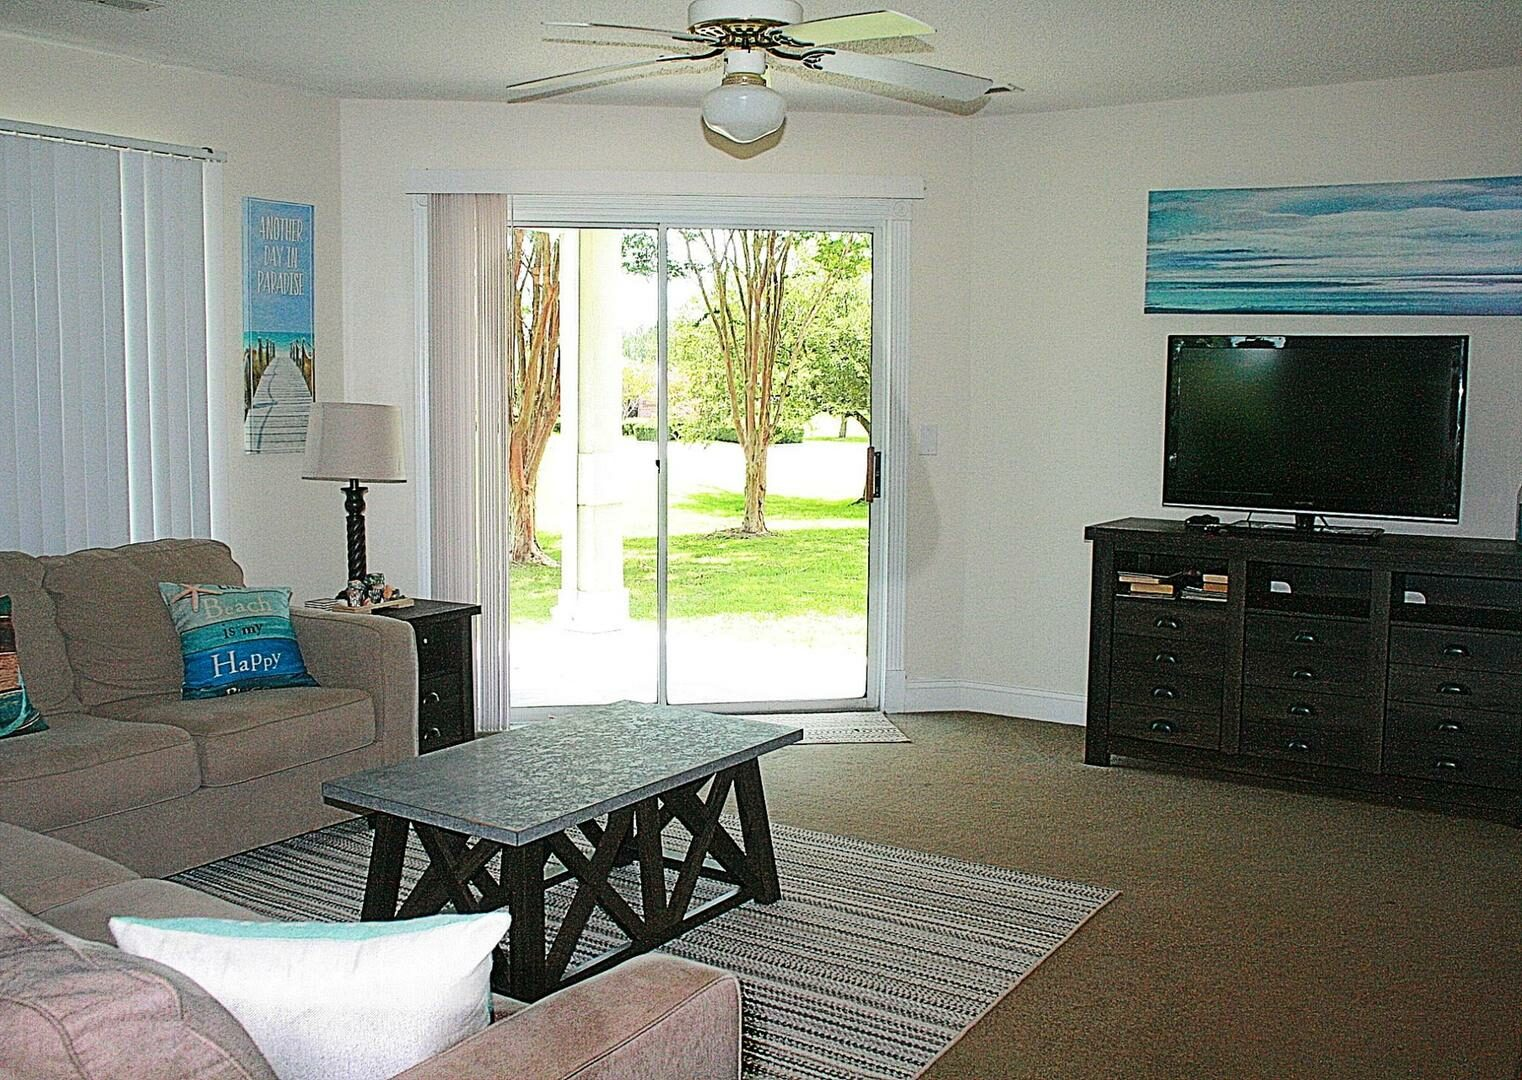 104M 1 Bedroom/1 Bath Villa